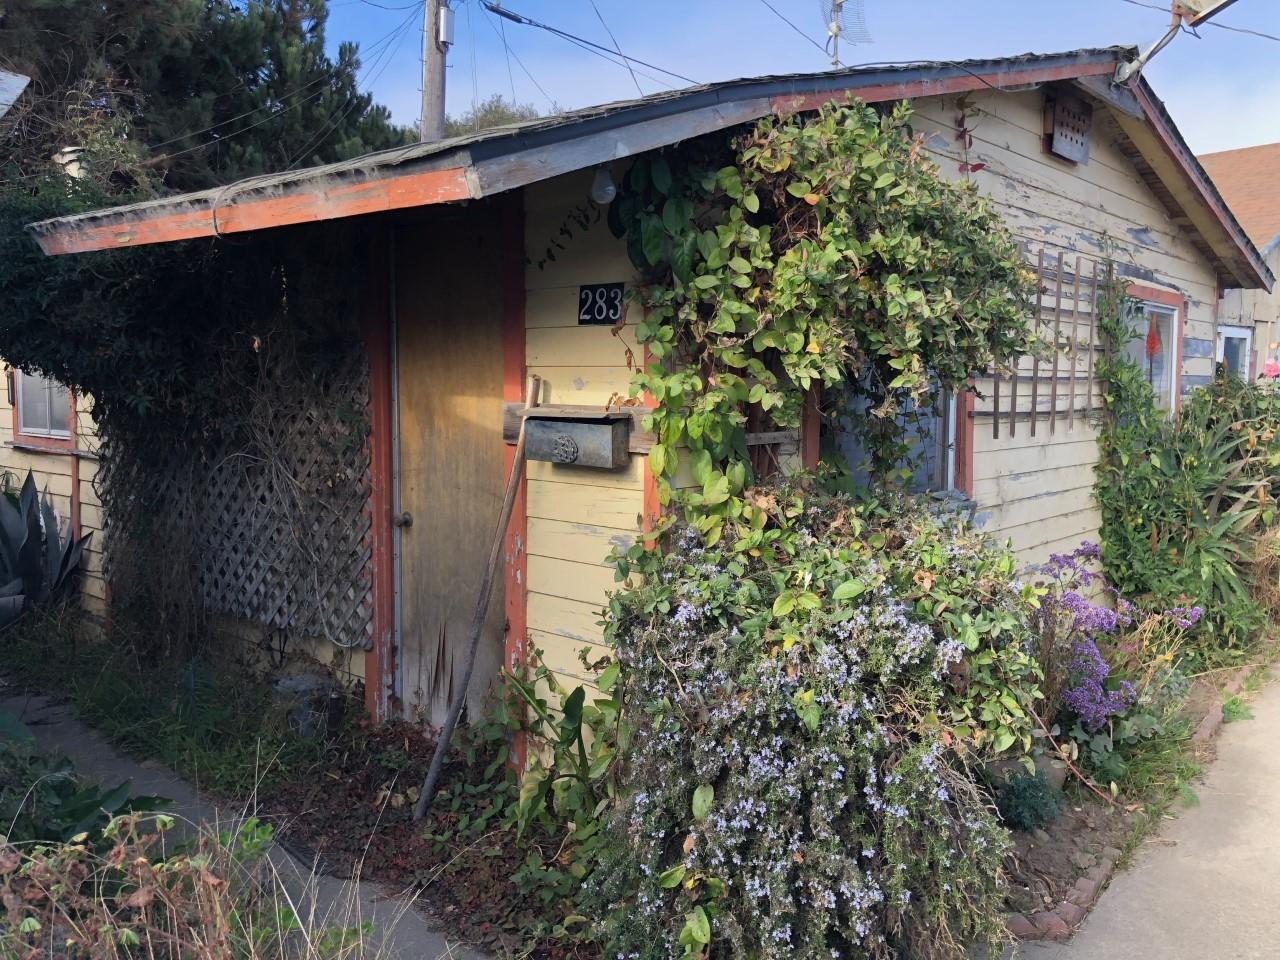 283 Monte Road UNIT 5 Salinas, CA 93908